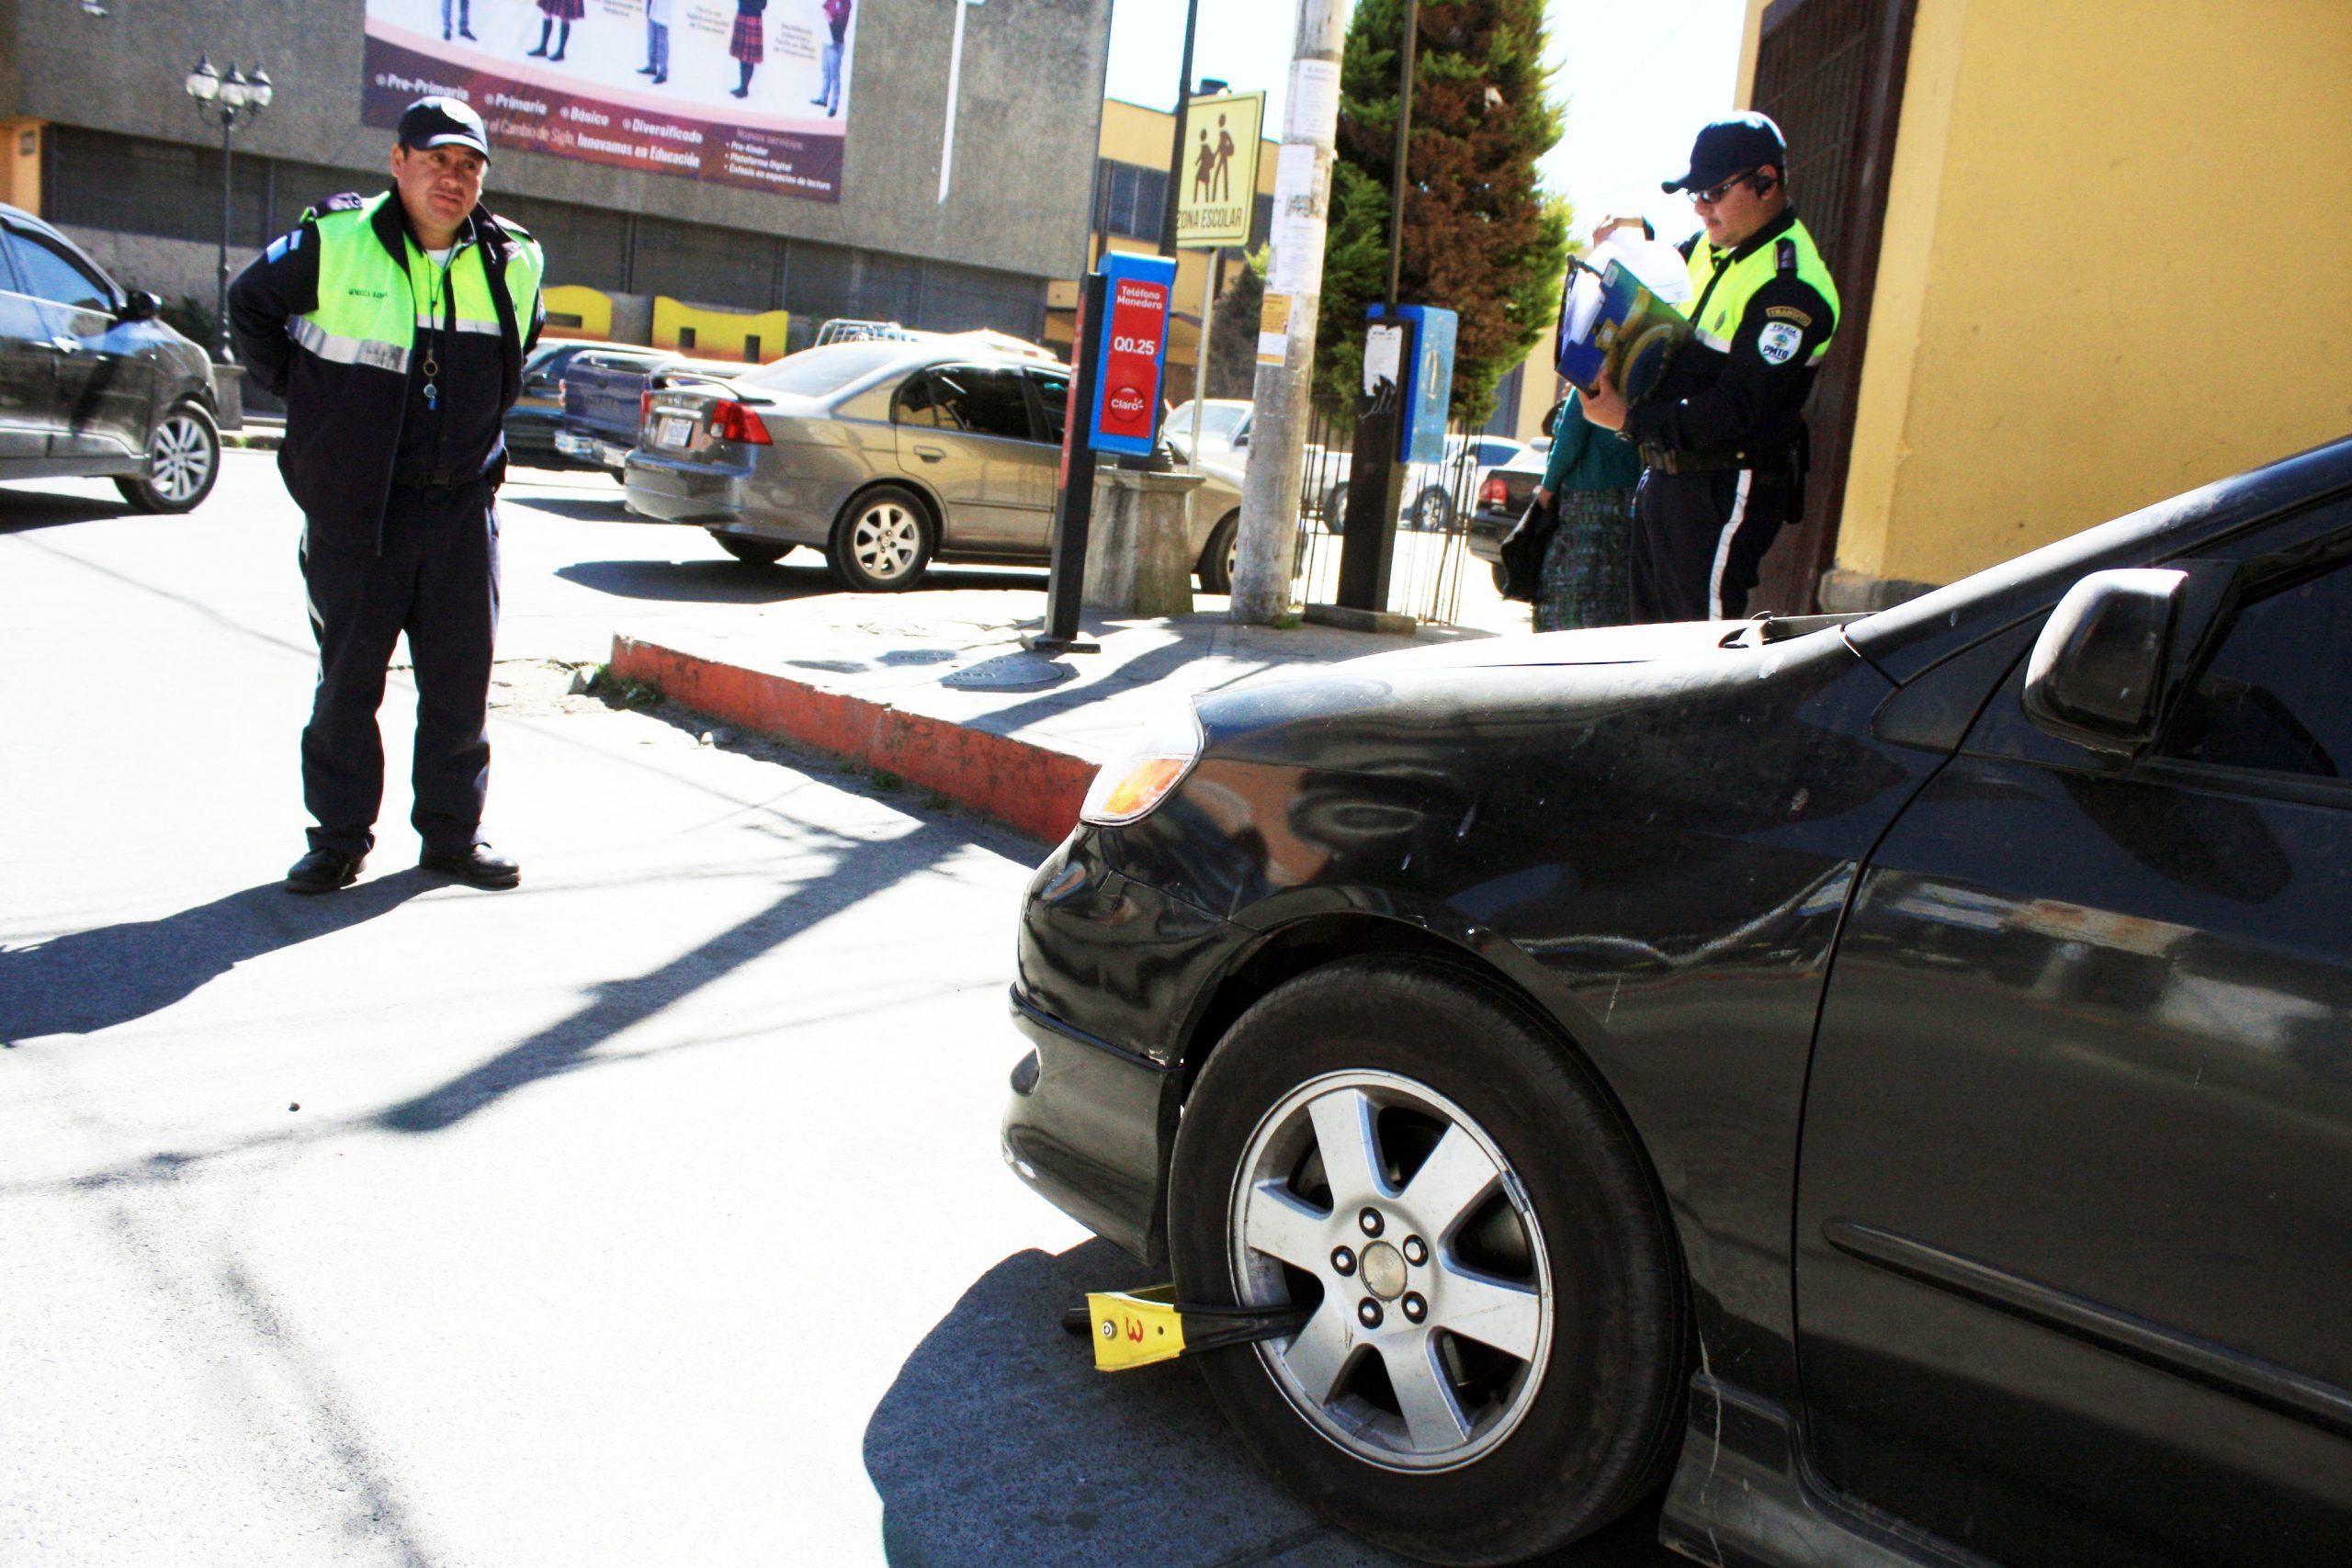 Las autoridades de tránsito de Xela anunciaron el regreso de los cepos como medida para evitar que malos pilotos se estacionen en lugares prohibidos. (Foto: Carlos Ventura)